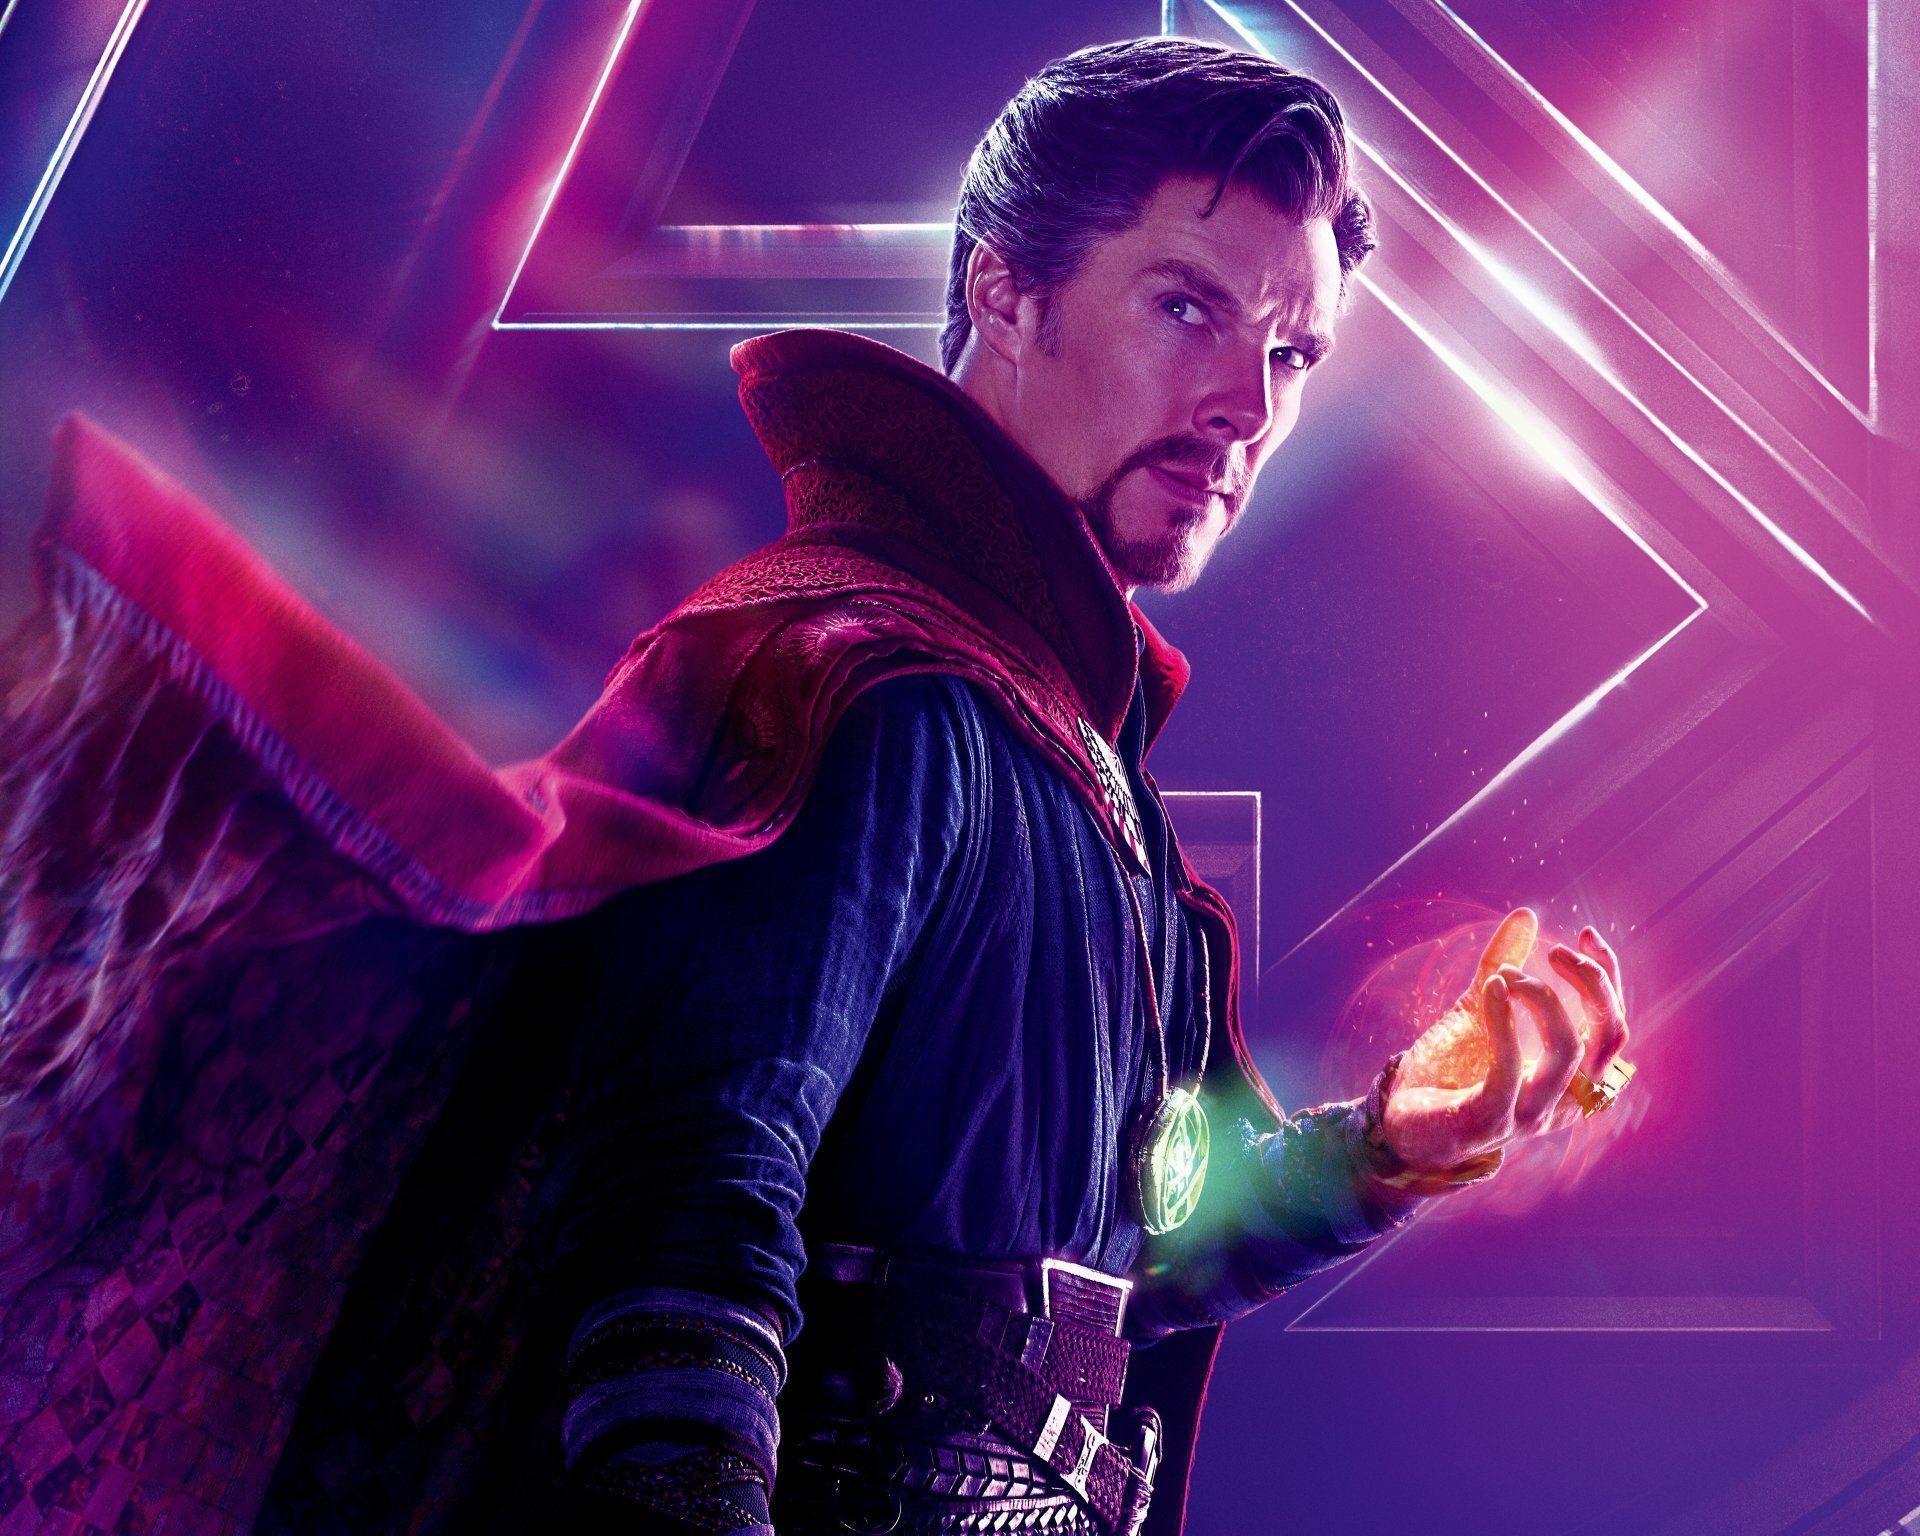 Doctor Strange Infinity War Wallpapers - Top Free Doctor ...